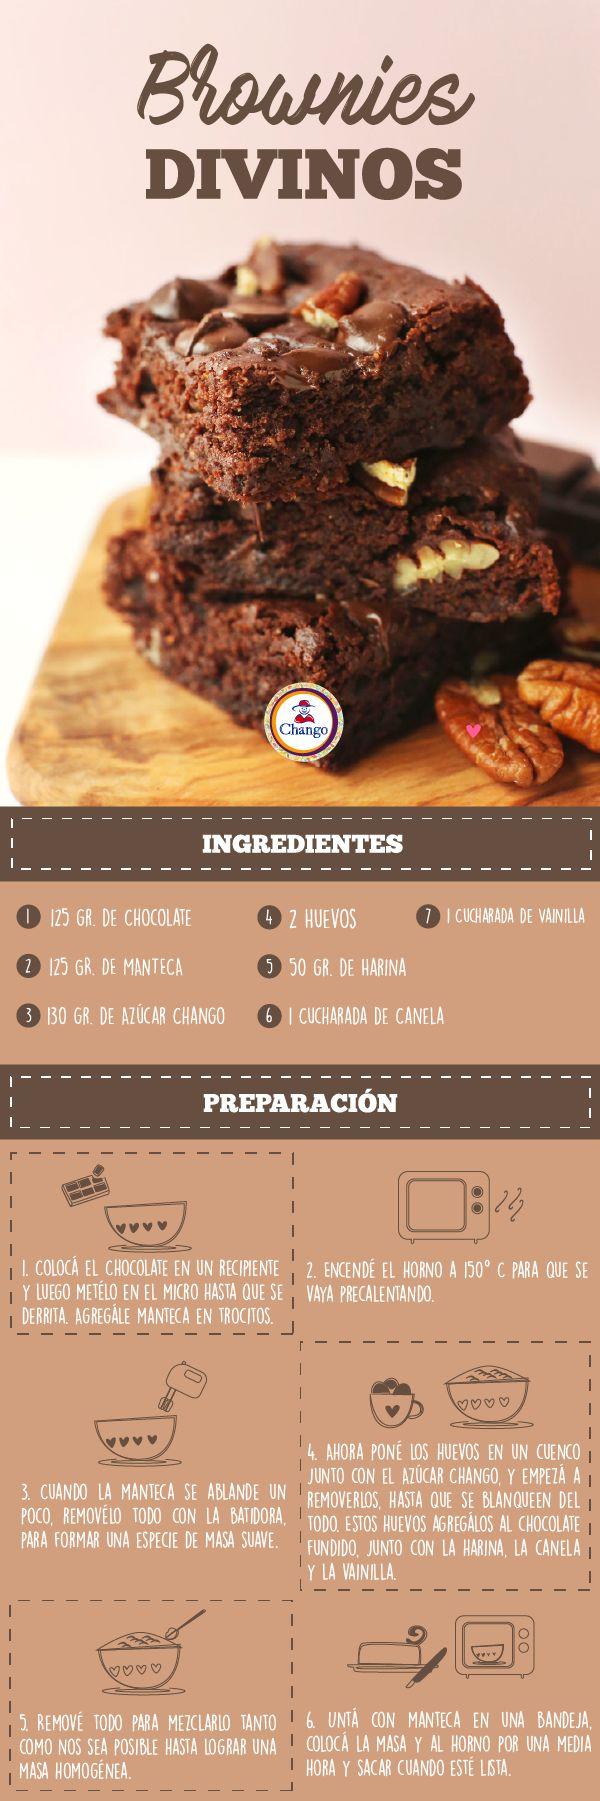 Traemos para vos esta fácil y rápida receta de Brownies Divinos para que los disfrutés este domingo.